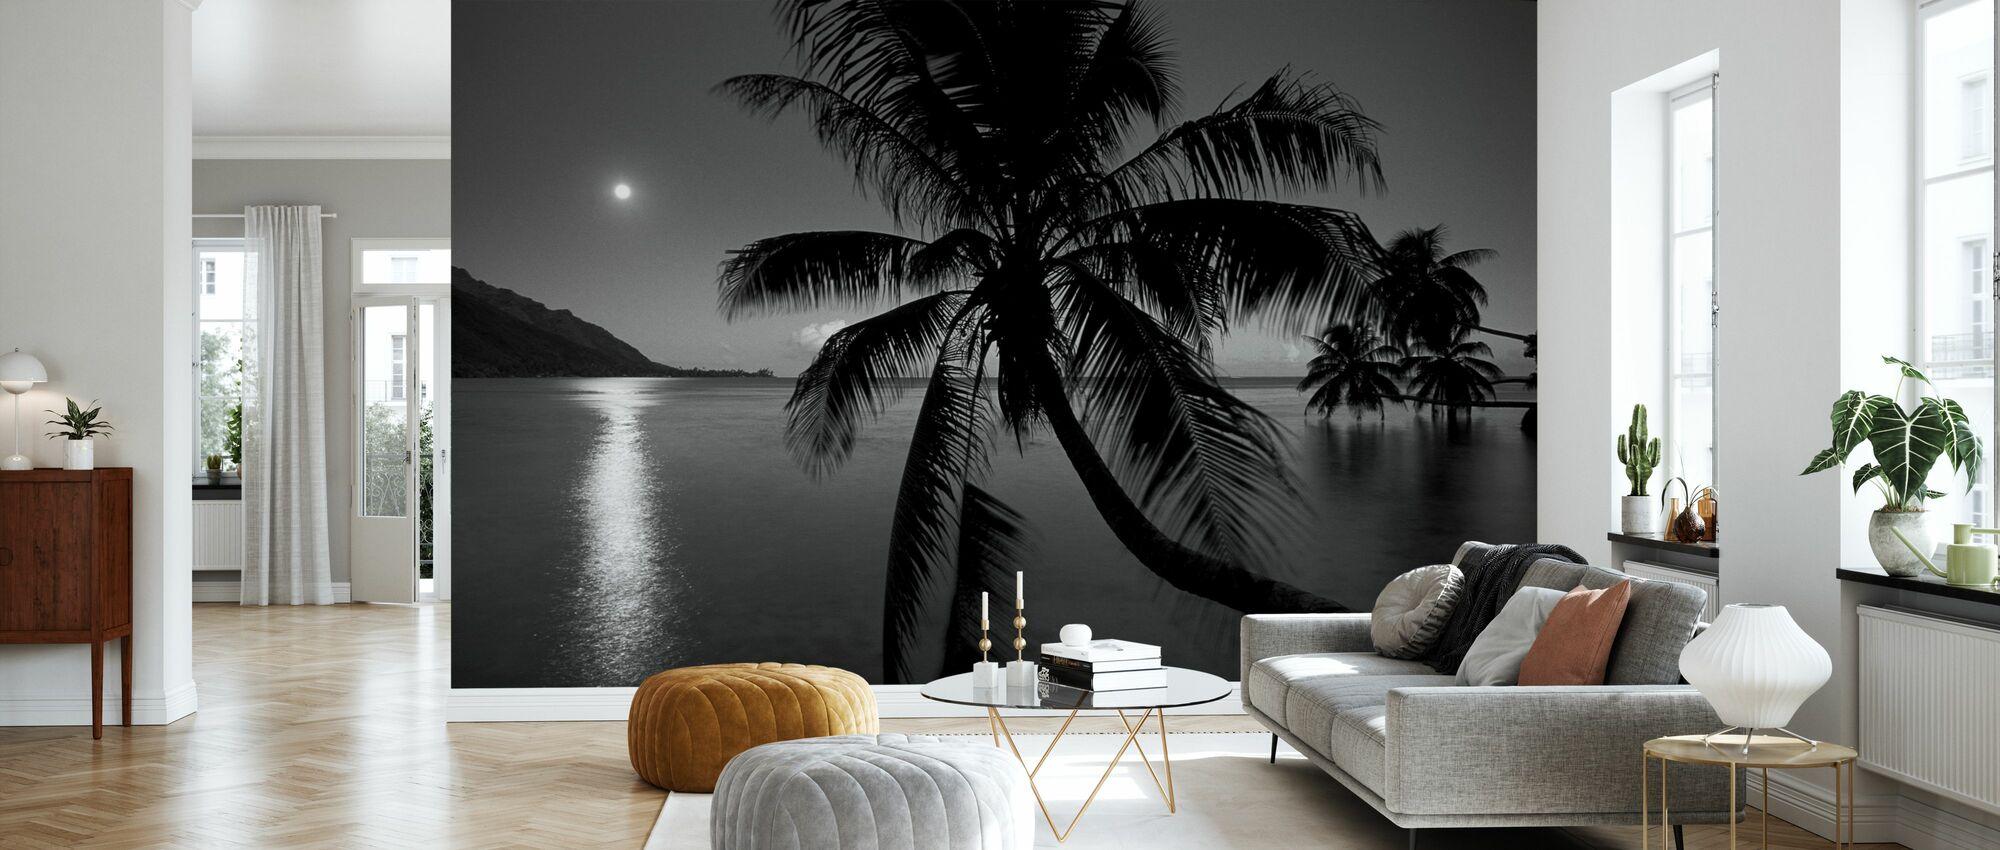 Dream Island - z/w - Behang - Woonkamer